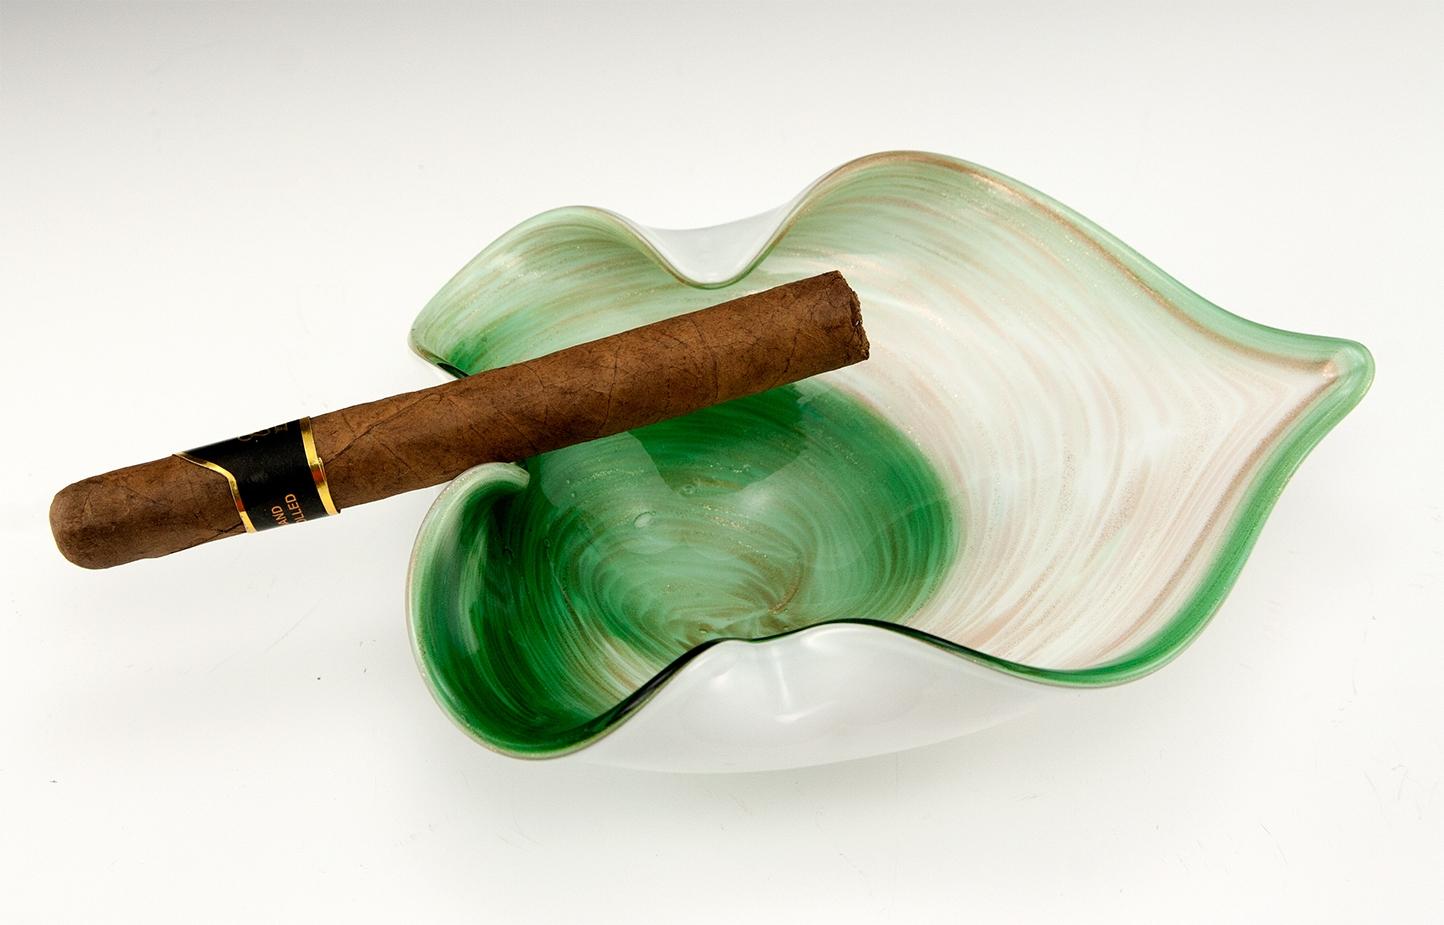 murano art glass ashtray with copper aventurine big ashtray. Black Bedroom Furniture Sets. Home Design Ideas